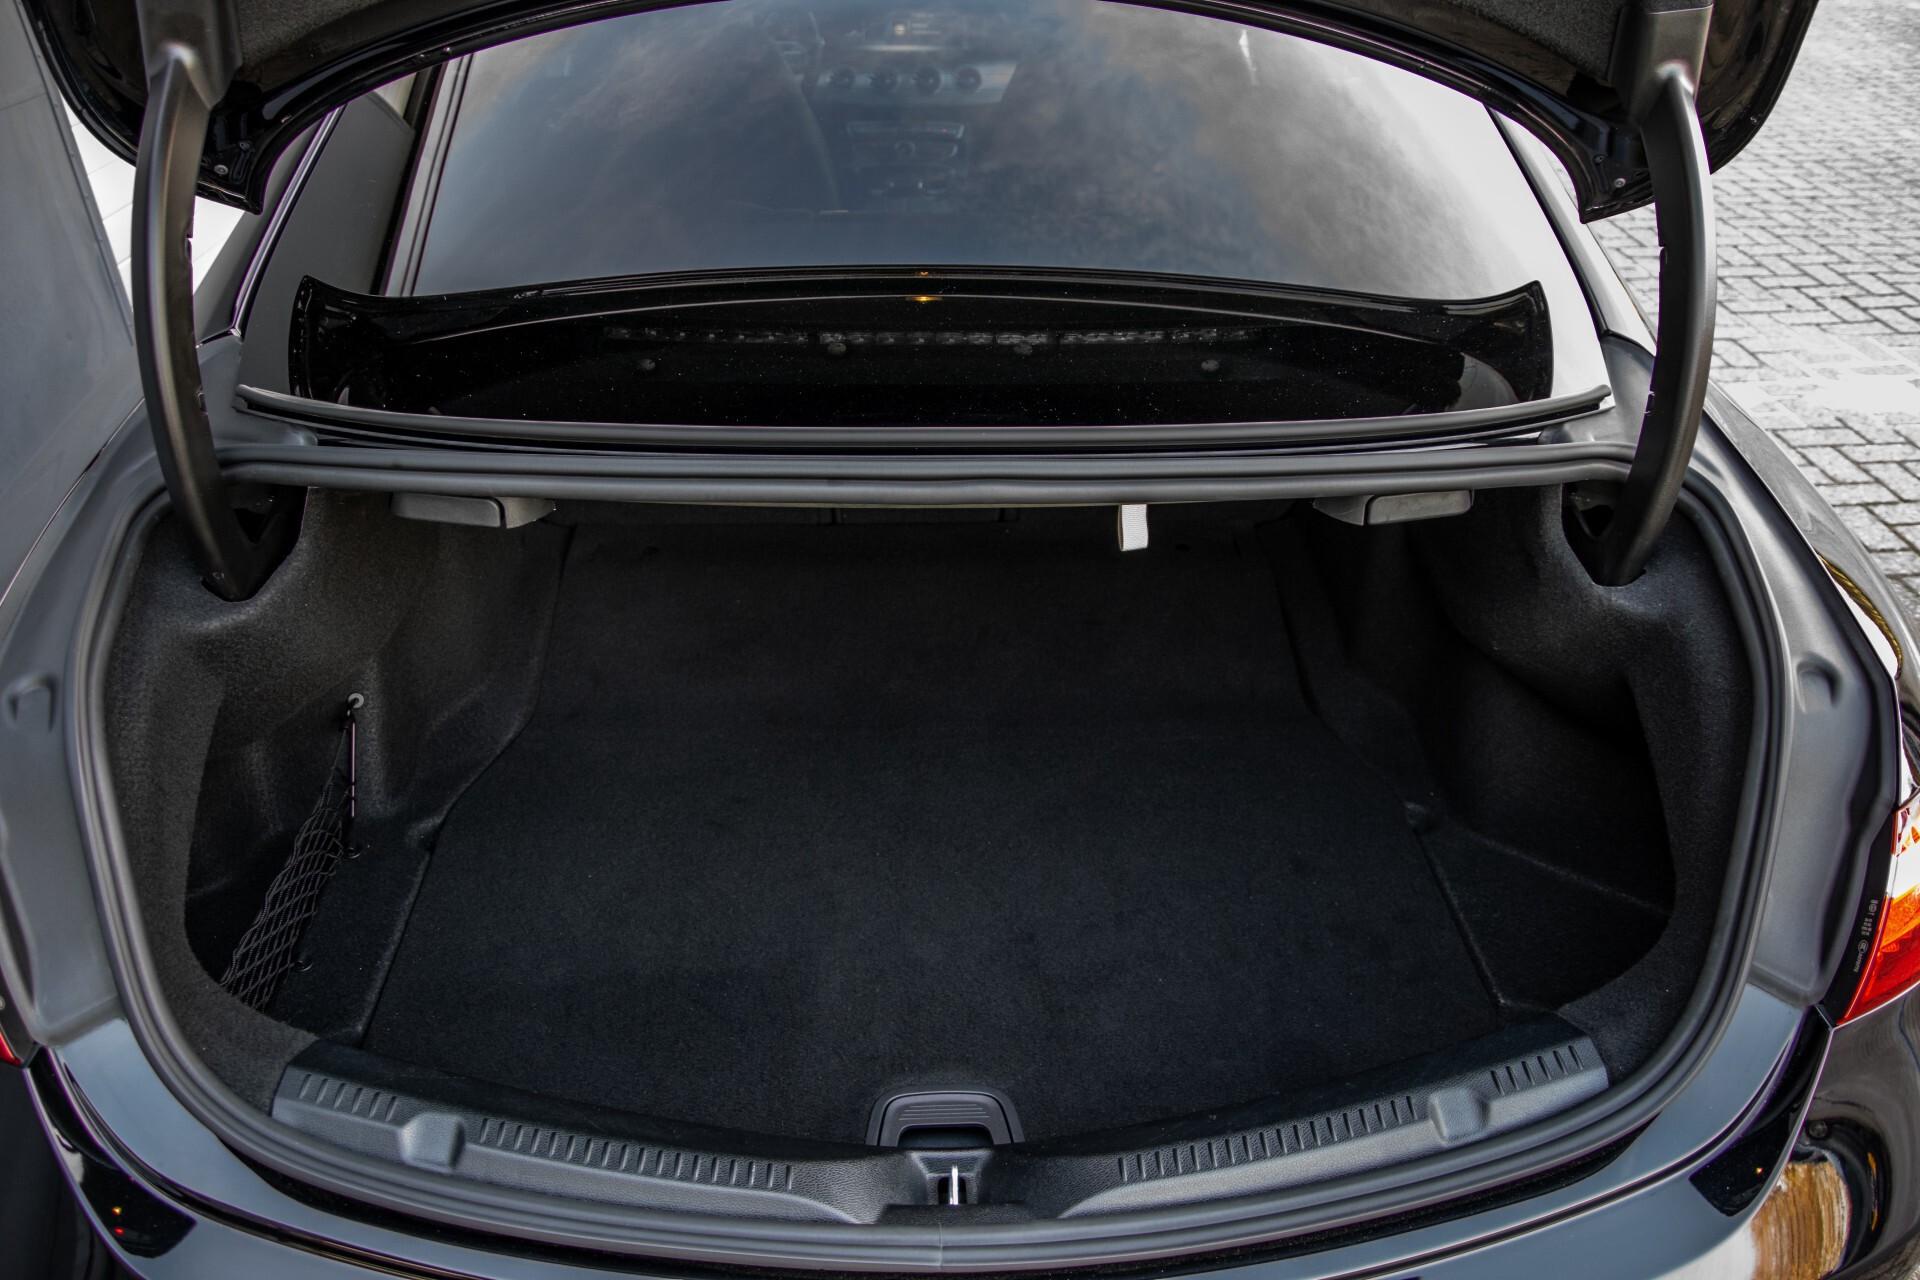 Mercedes-Benz E-Klasse Coupé 200 AMG Panorama/Night/Carbon/Premium/Widescreen/ILS Aut9 Foto 49